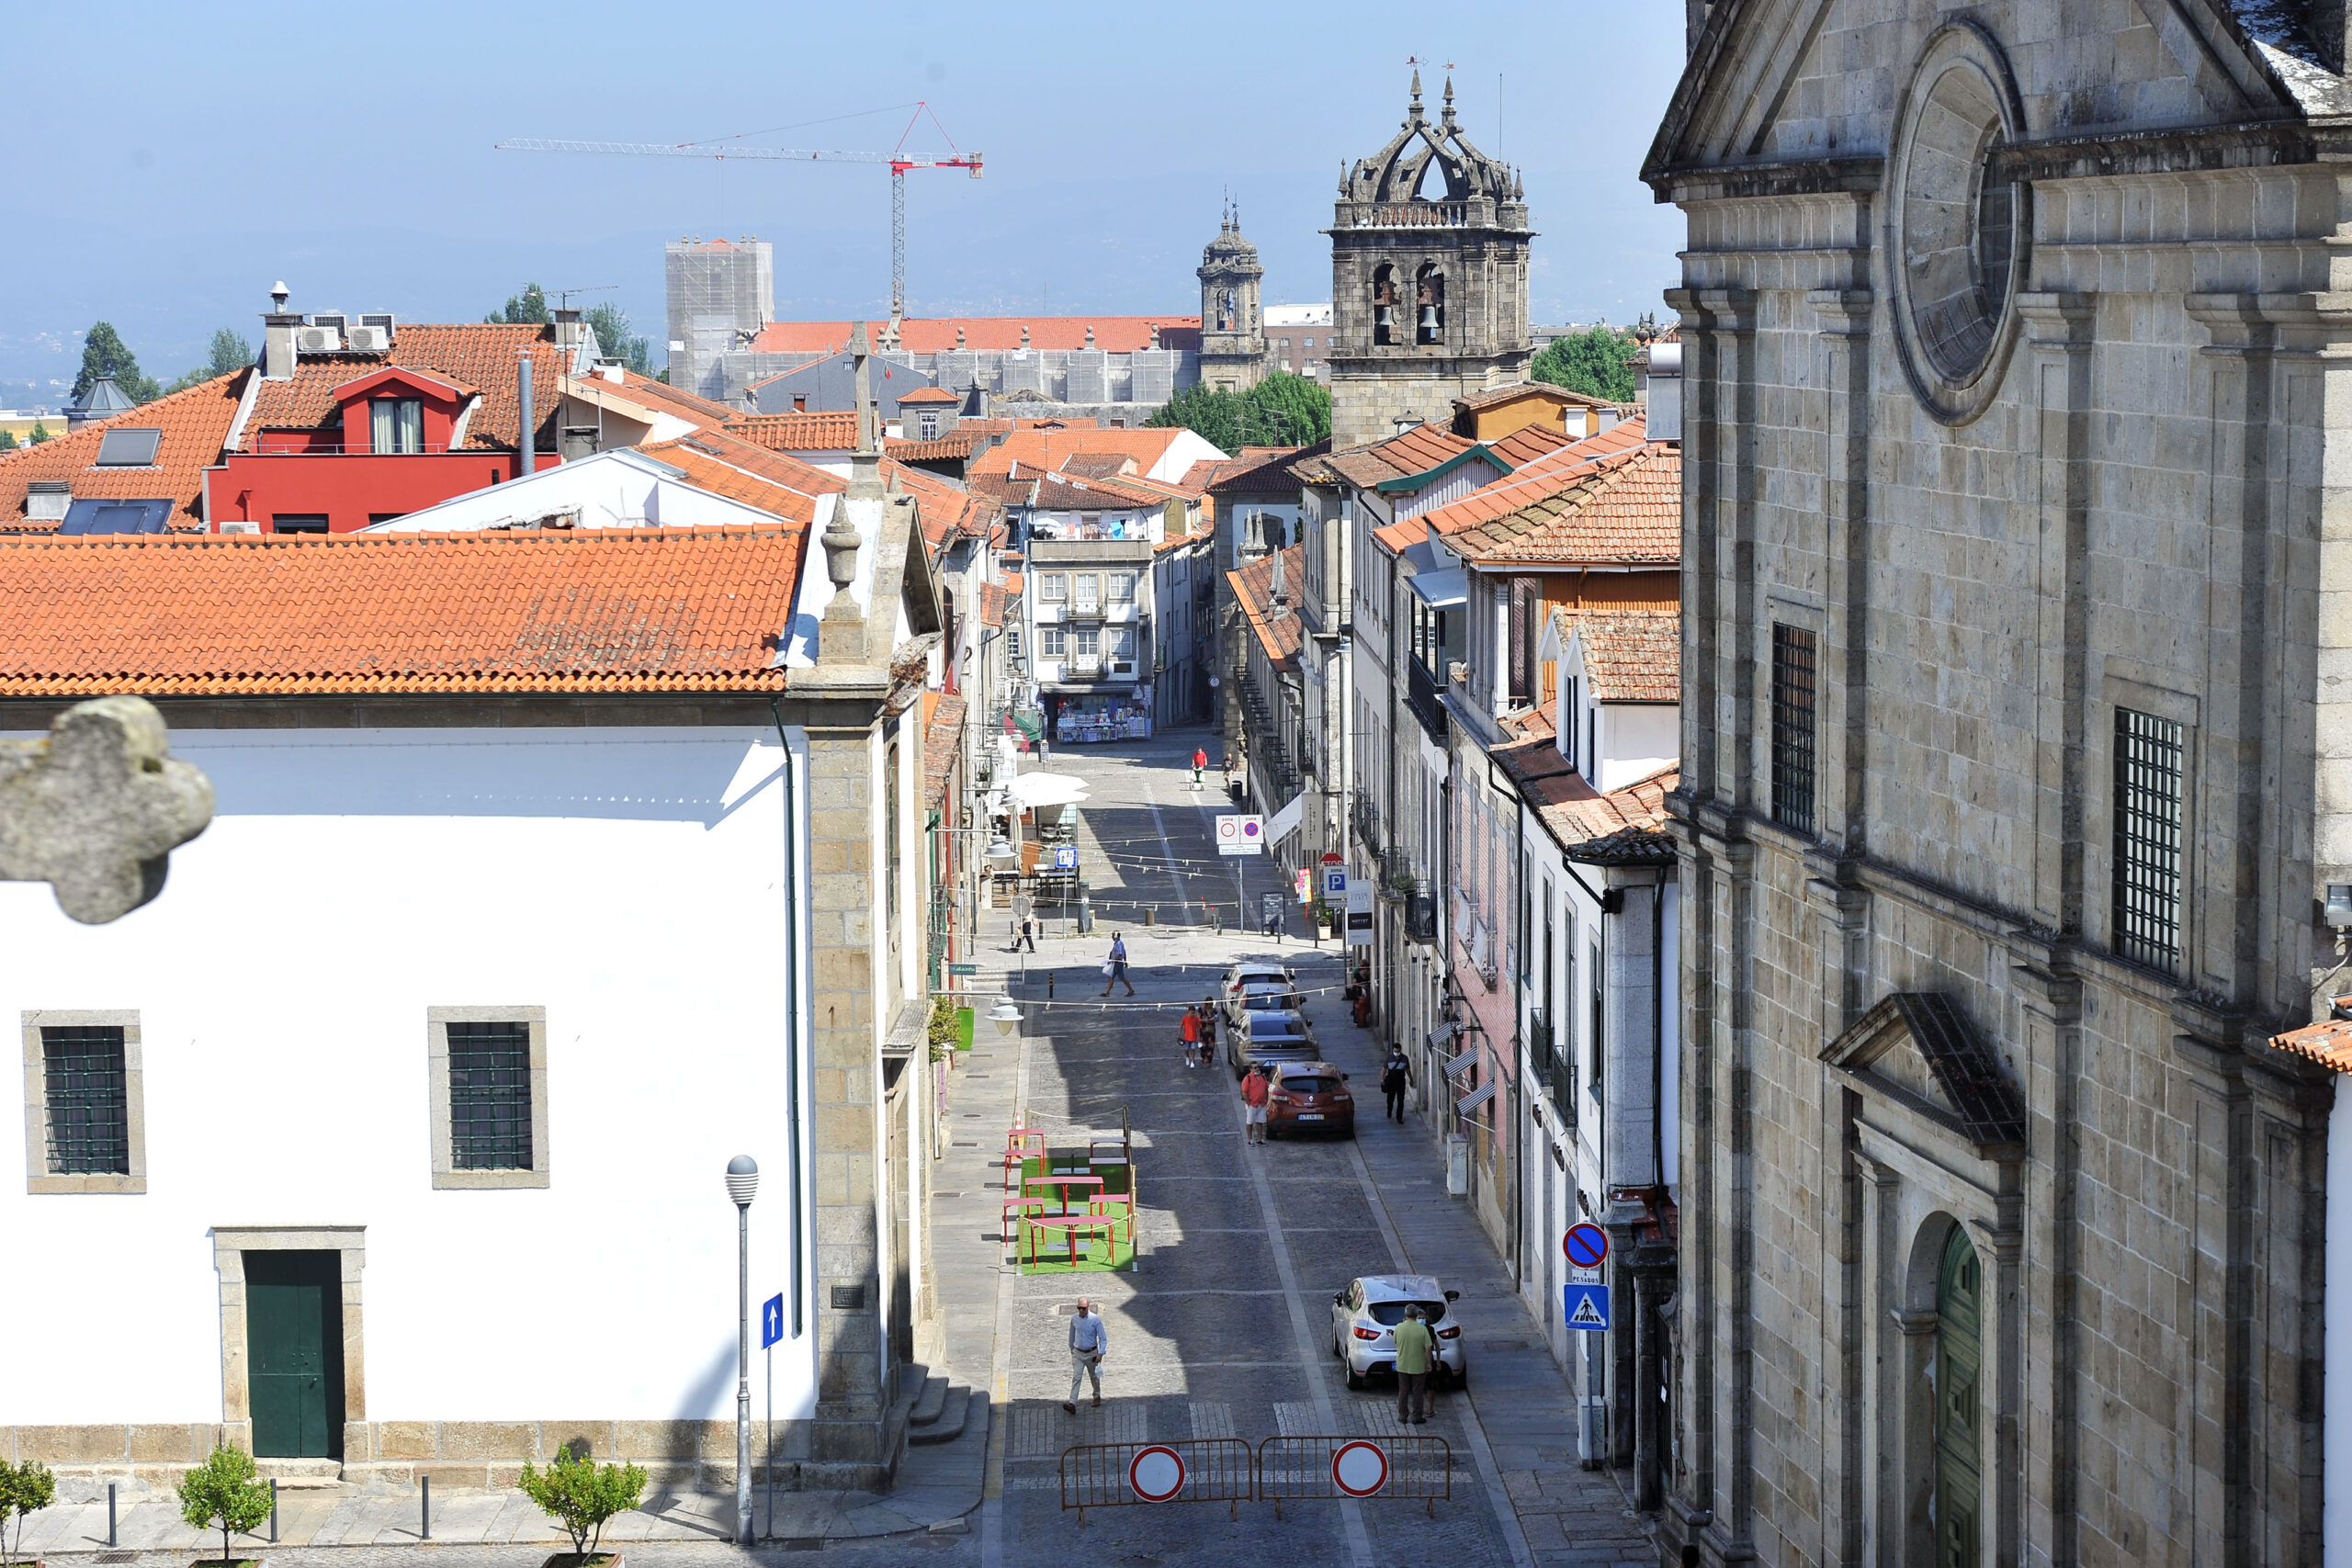 Rua do centro histórico de Braga encerra até final do Verão a partir desta sexta-feira